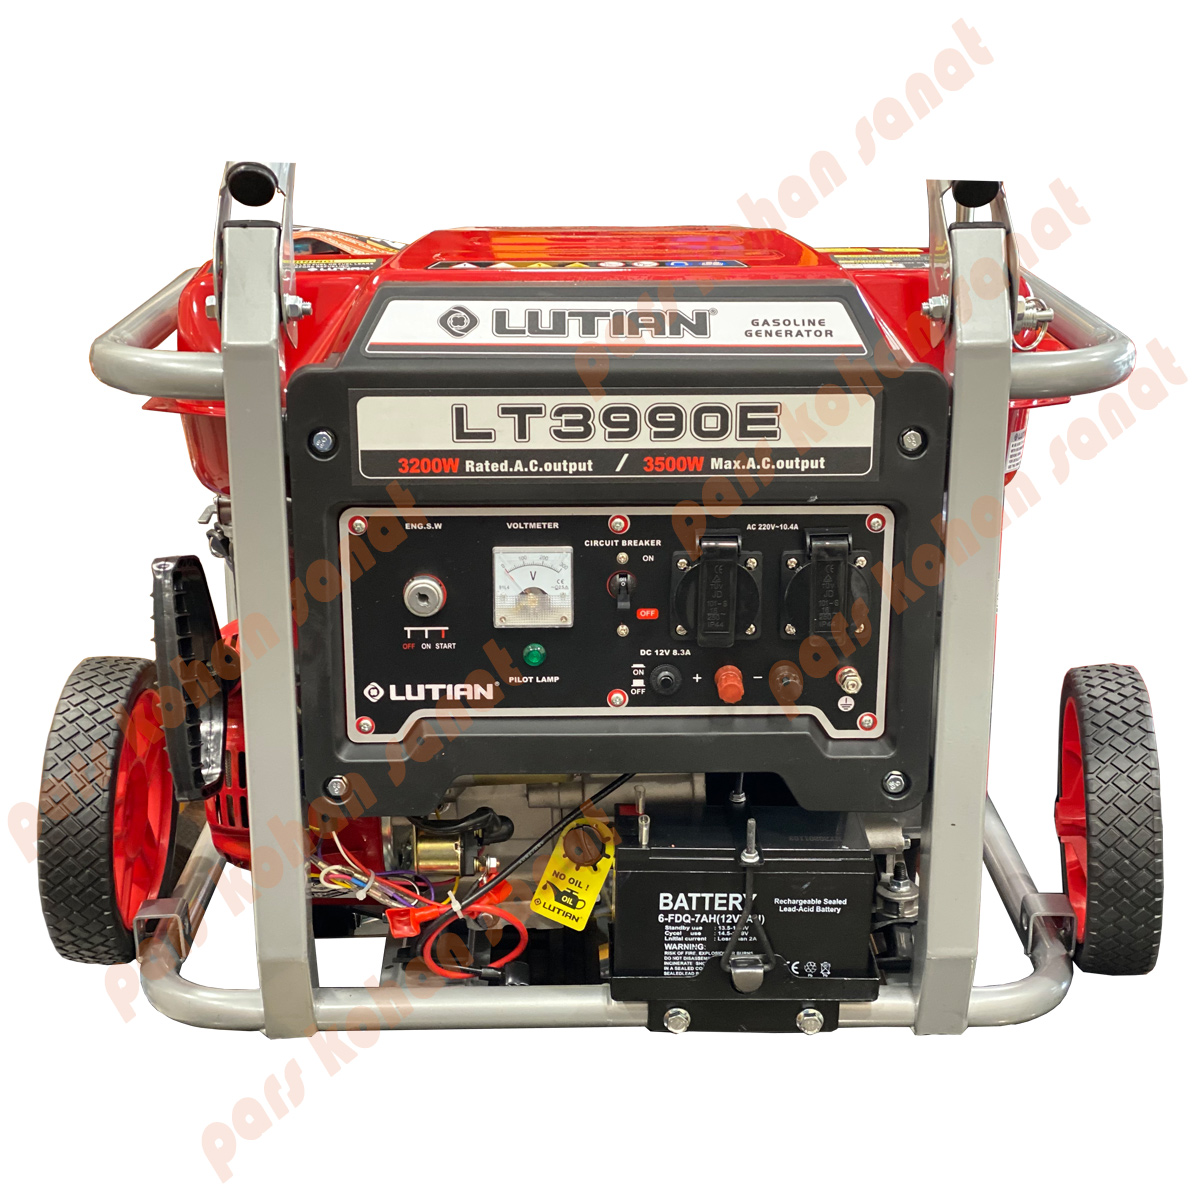 موتور برق لوتین استارتی 3500 وات مدل LUTIAN LT3990E